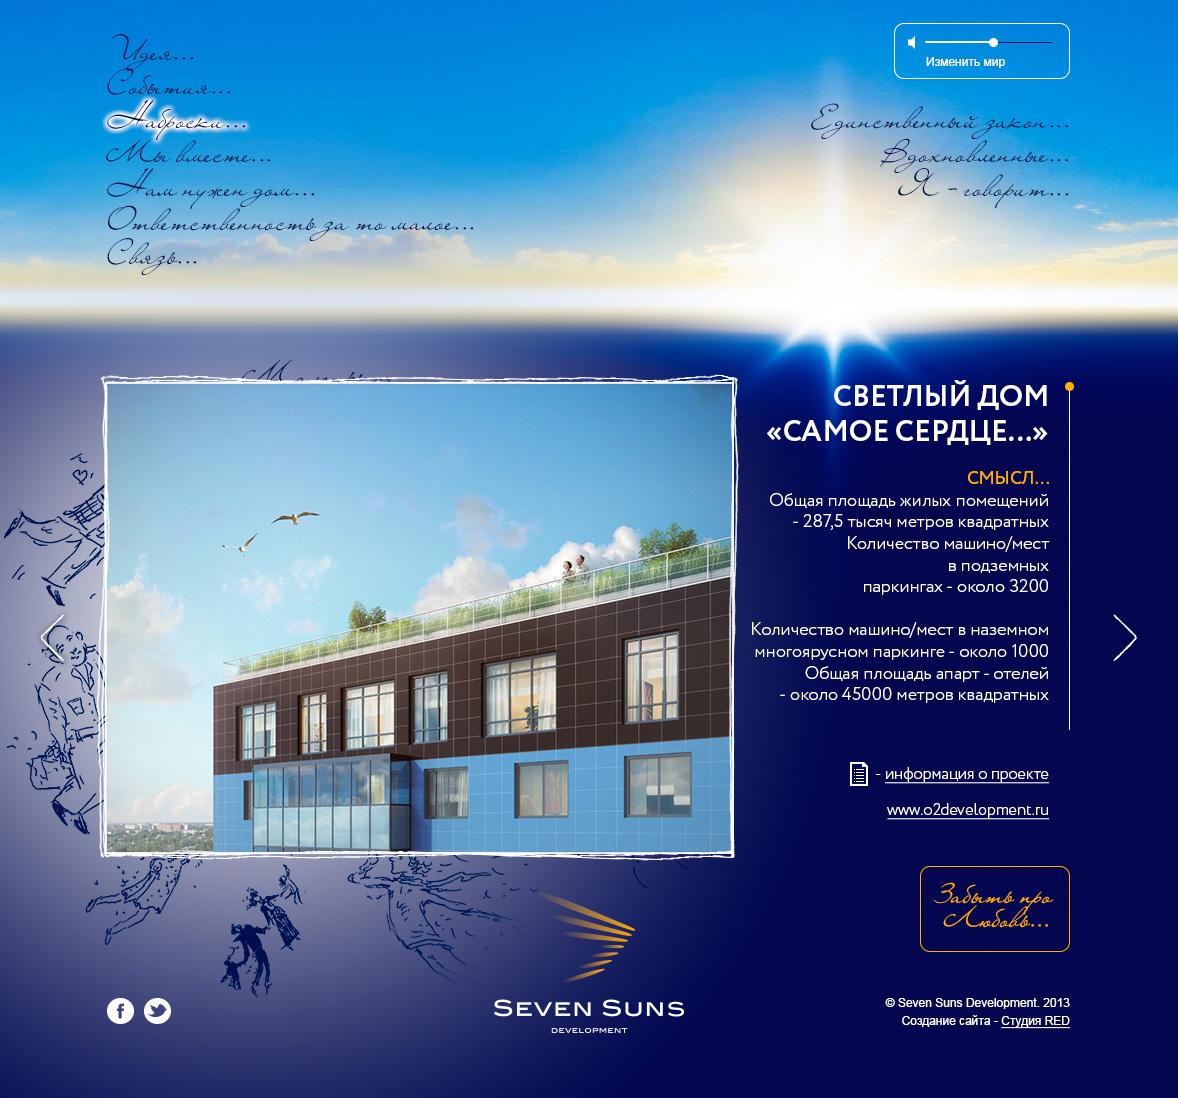 تصميم موقع الشركة من شركة البناء